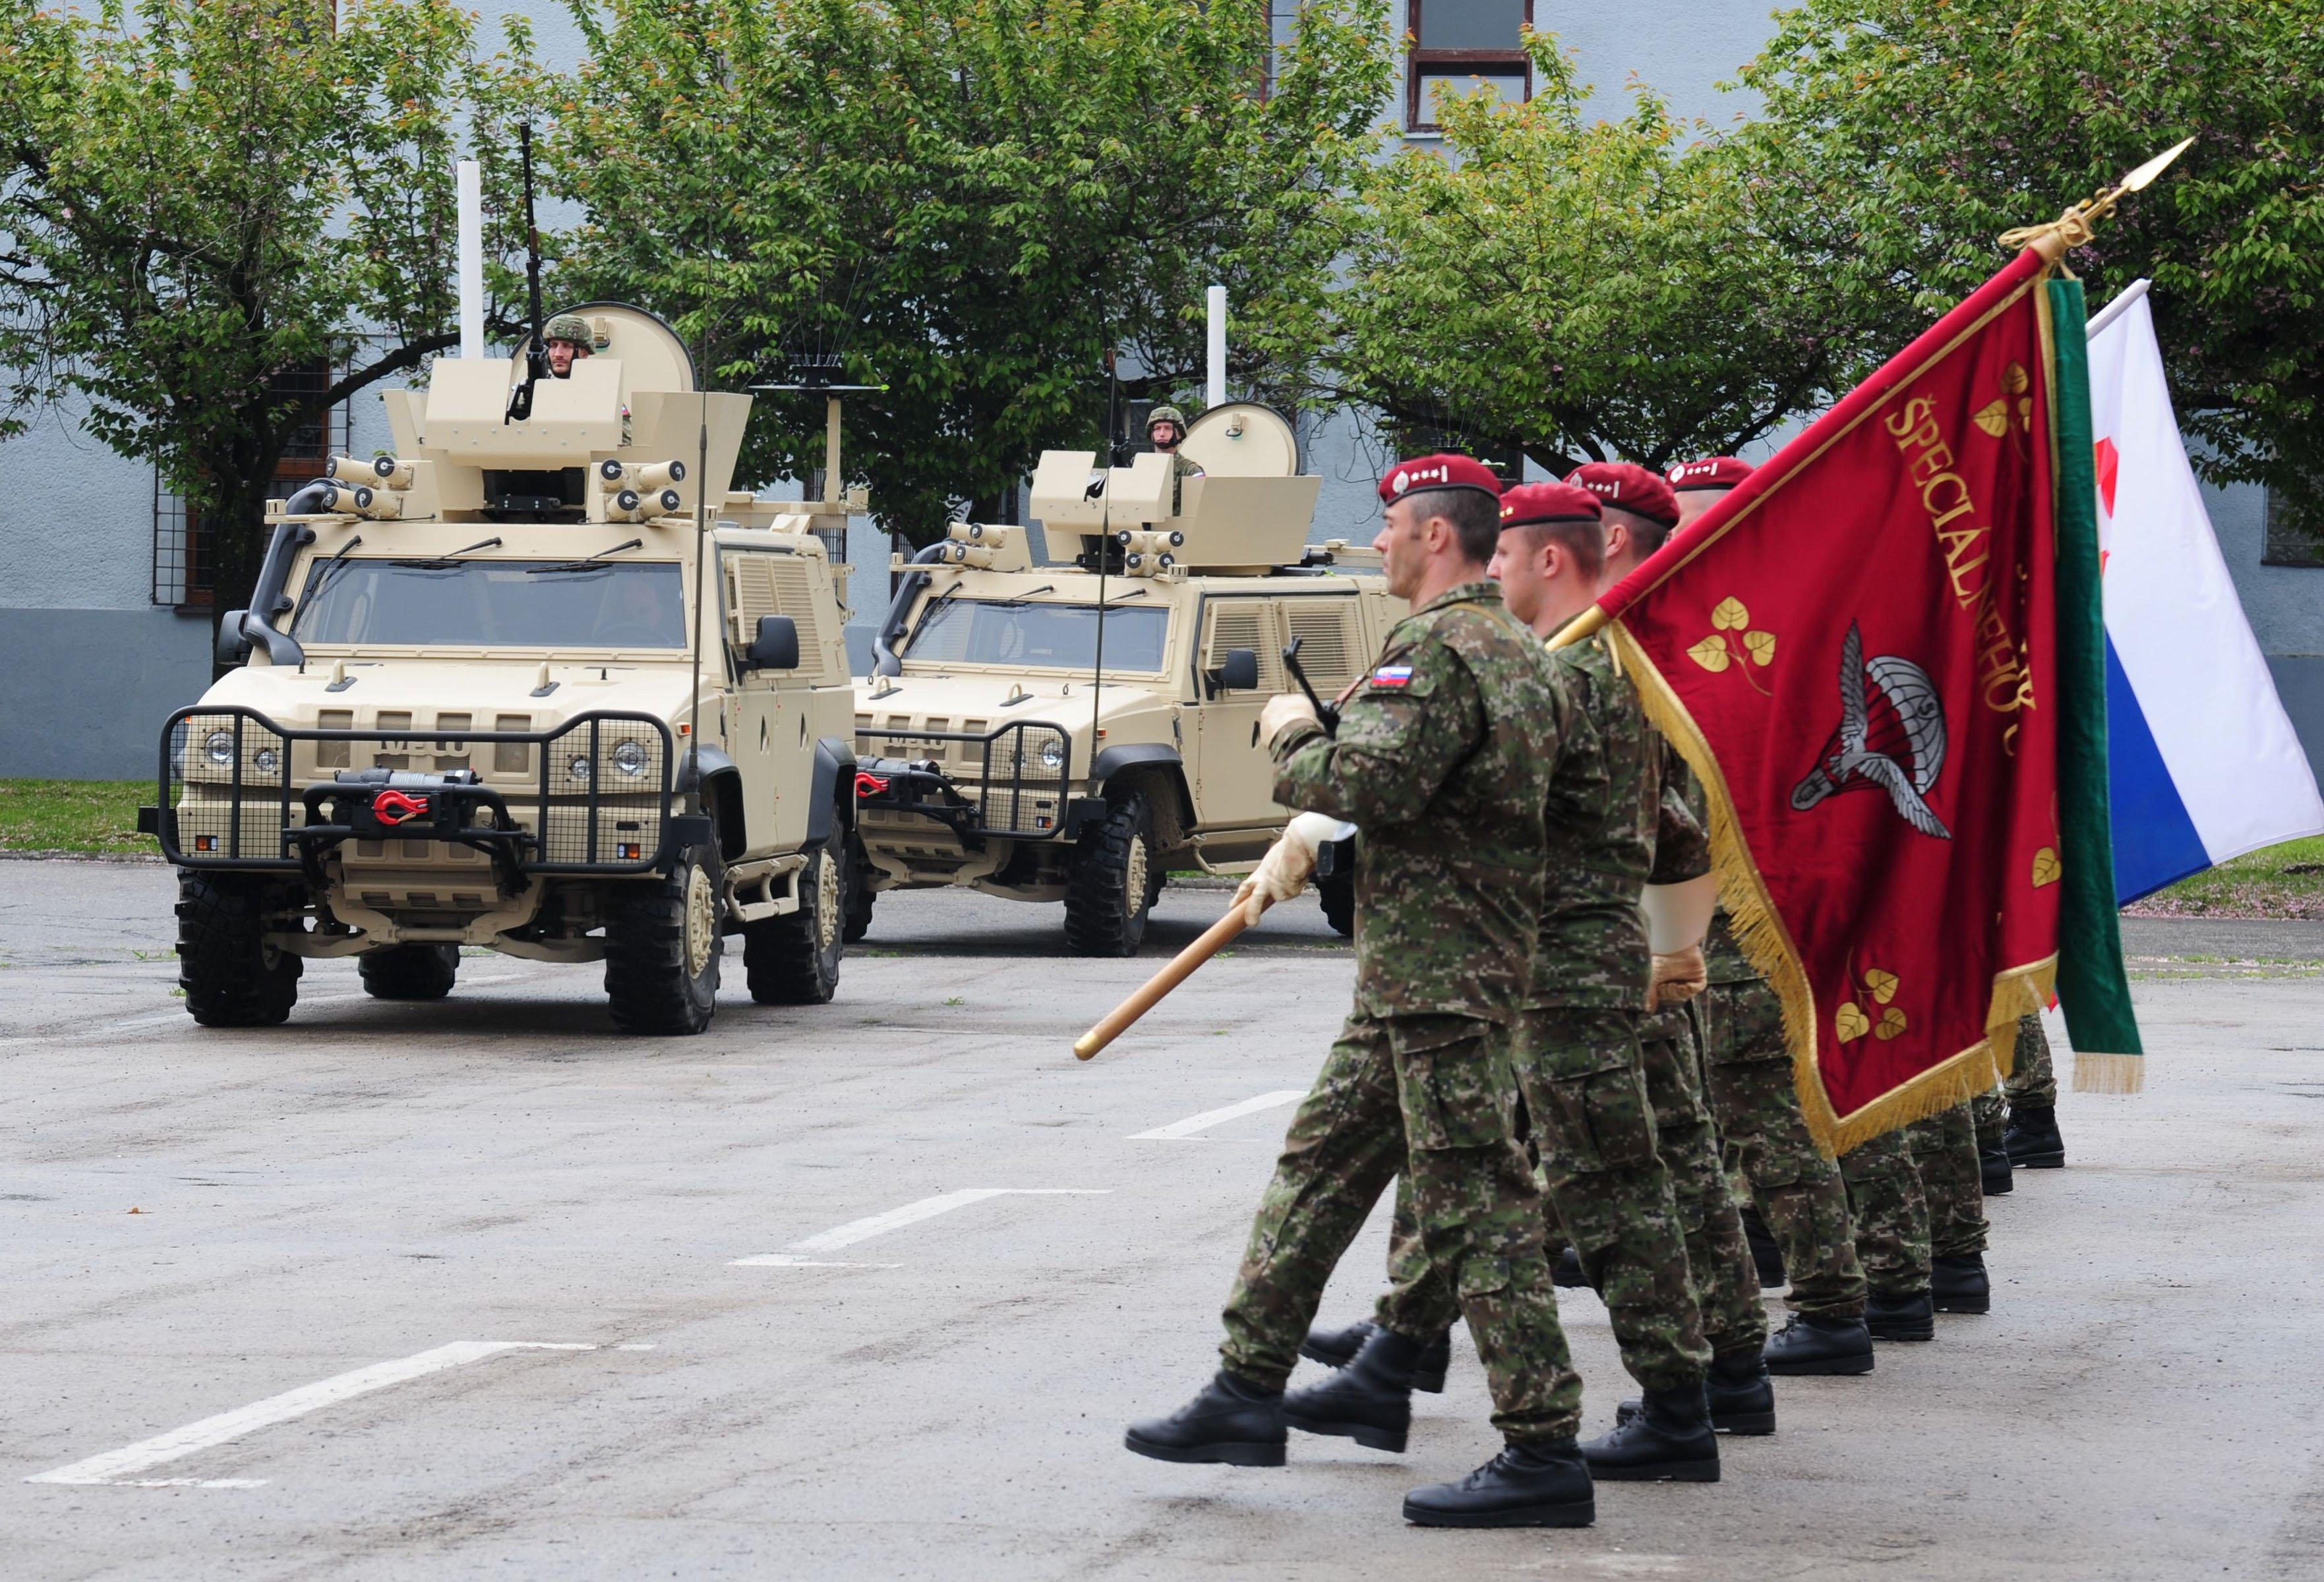 Za slovenskú armádu sa cvičenia zúčastní 5. pluk špeciálneho určenia, ktorý má vo výzbroji napríklad talianske obrnené vozidlá Iveco. Foto - TASR